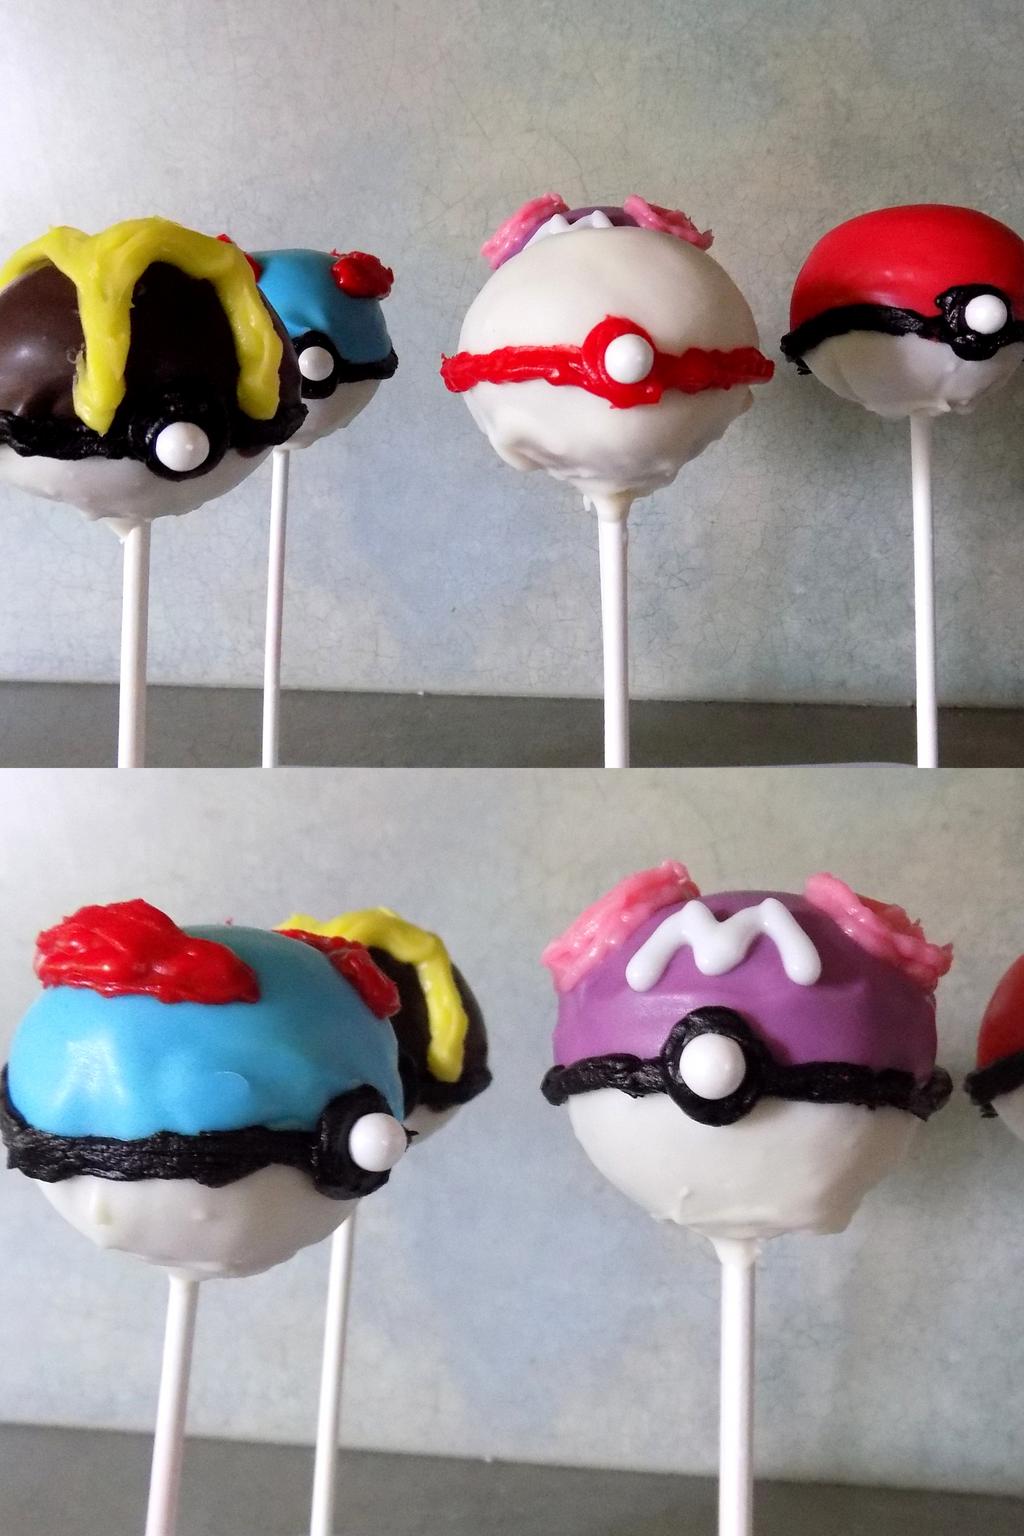 pokeball cake pops by espevoirvee on deviantart